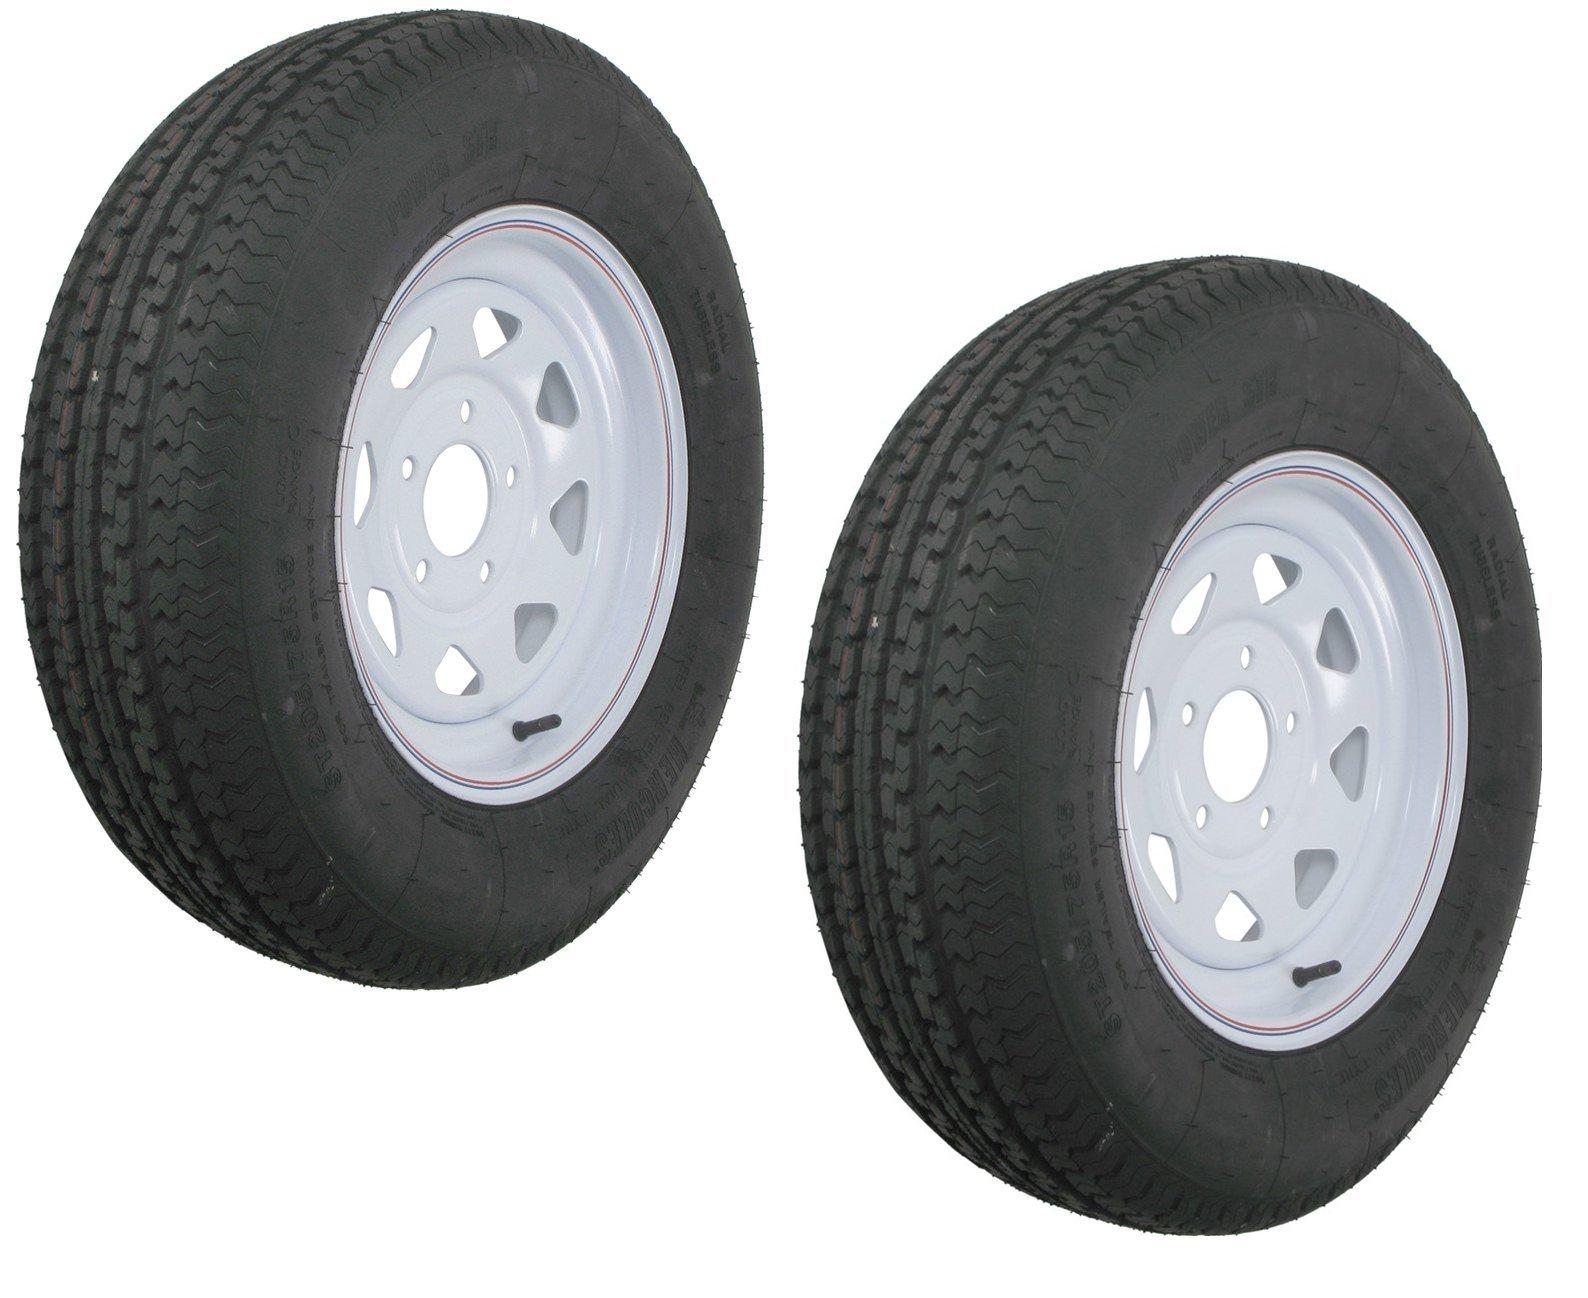 """eCustomRim 2-Pack Kenda K550 Radial Trailer Tire & Rim ST205/75R-15 C 5 on 5"""" White Spoke"""